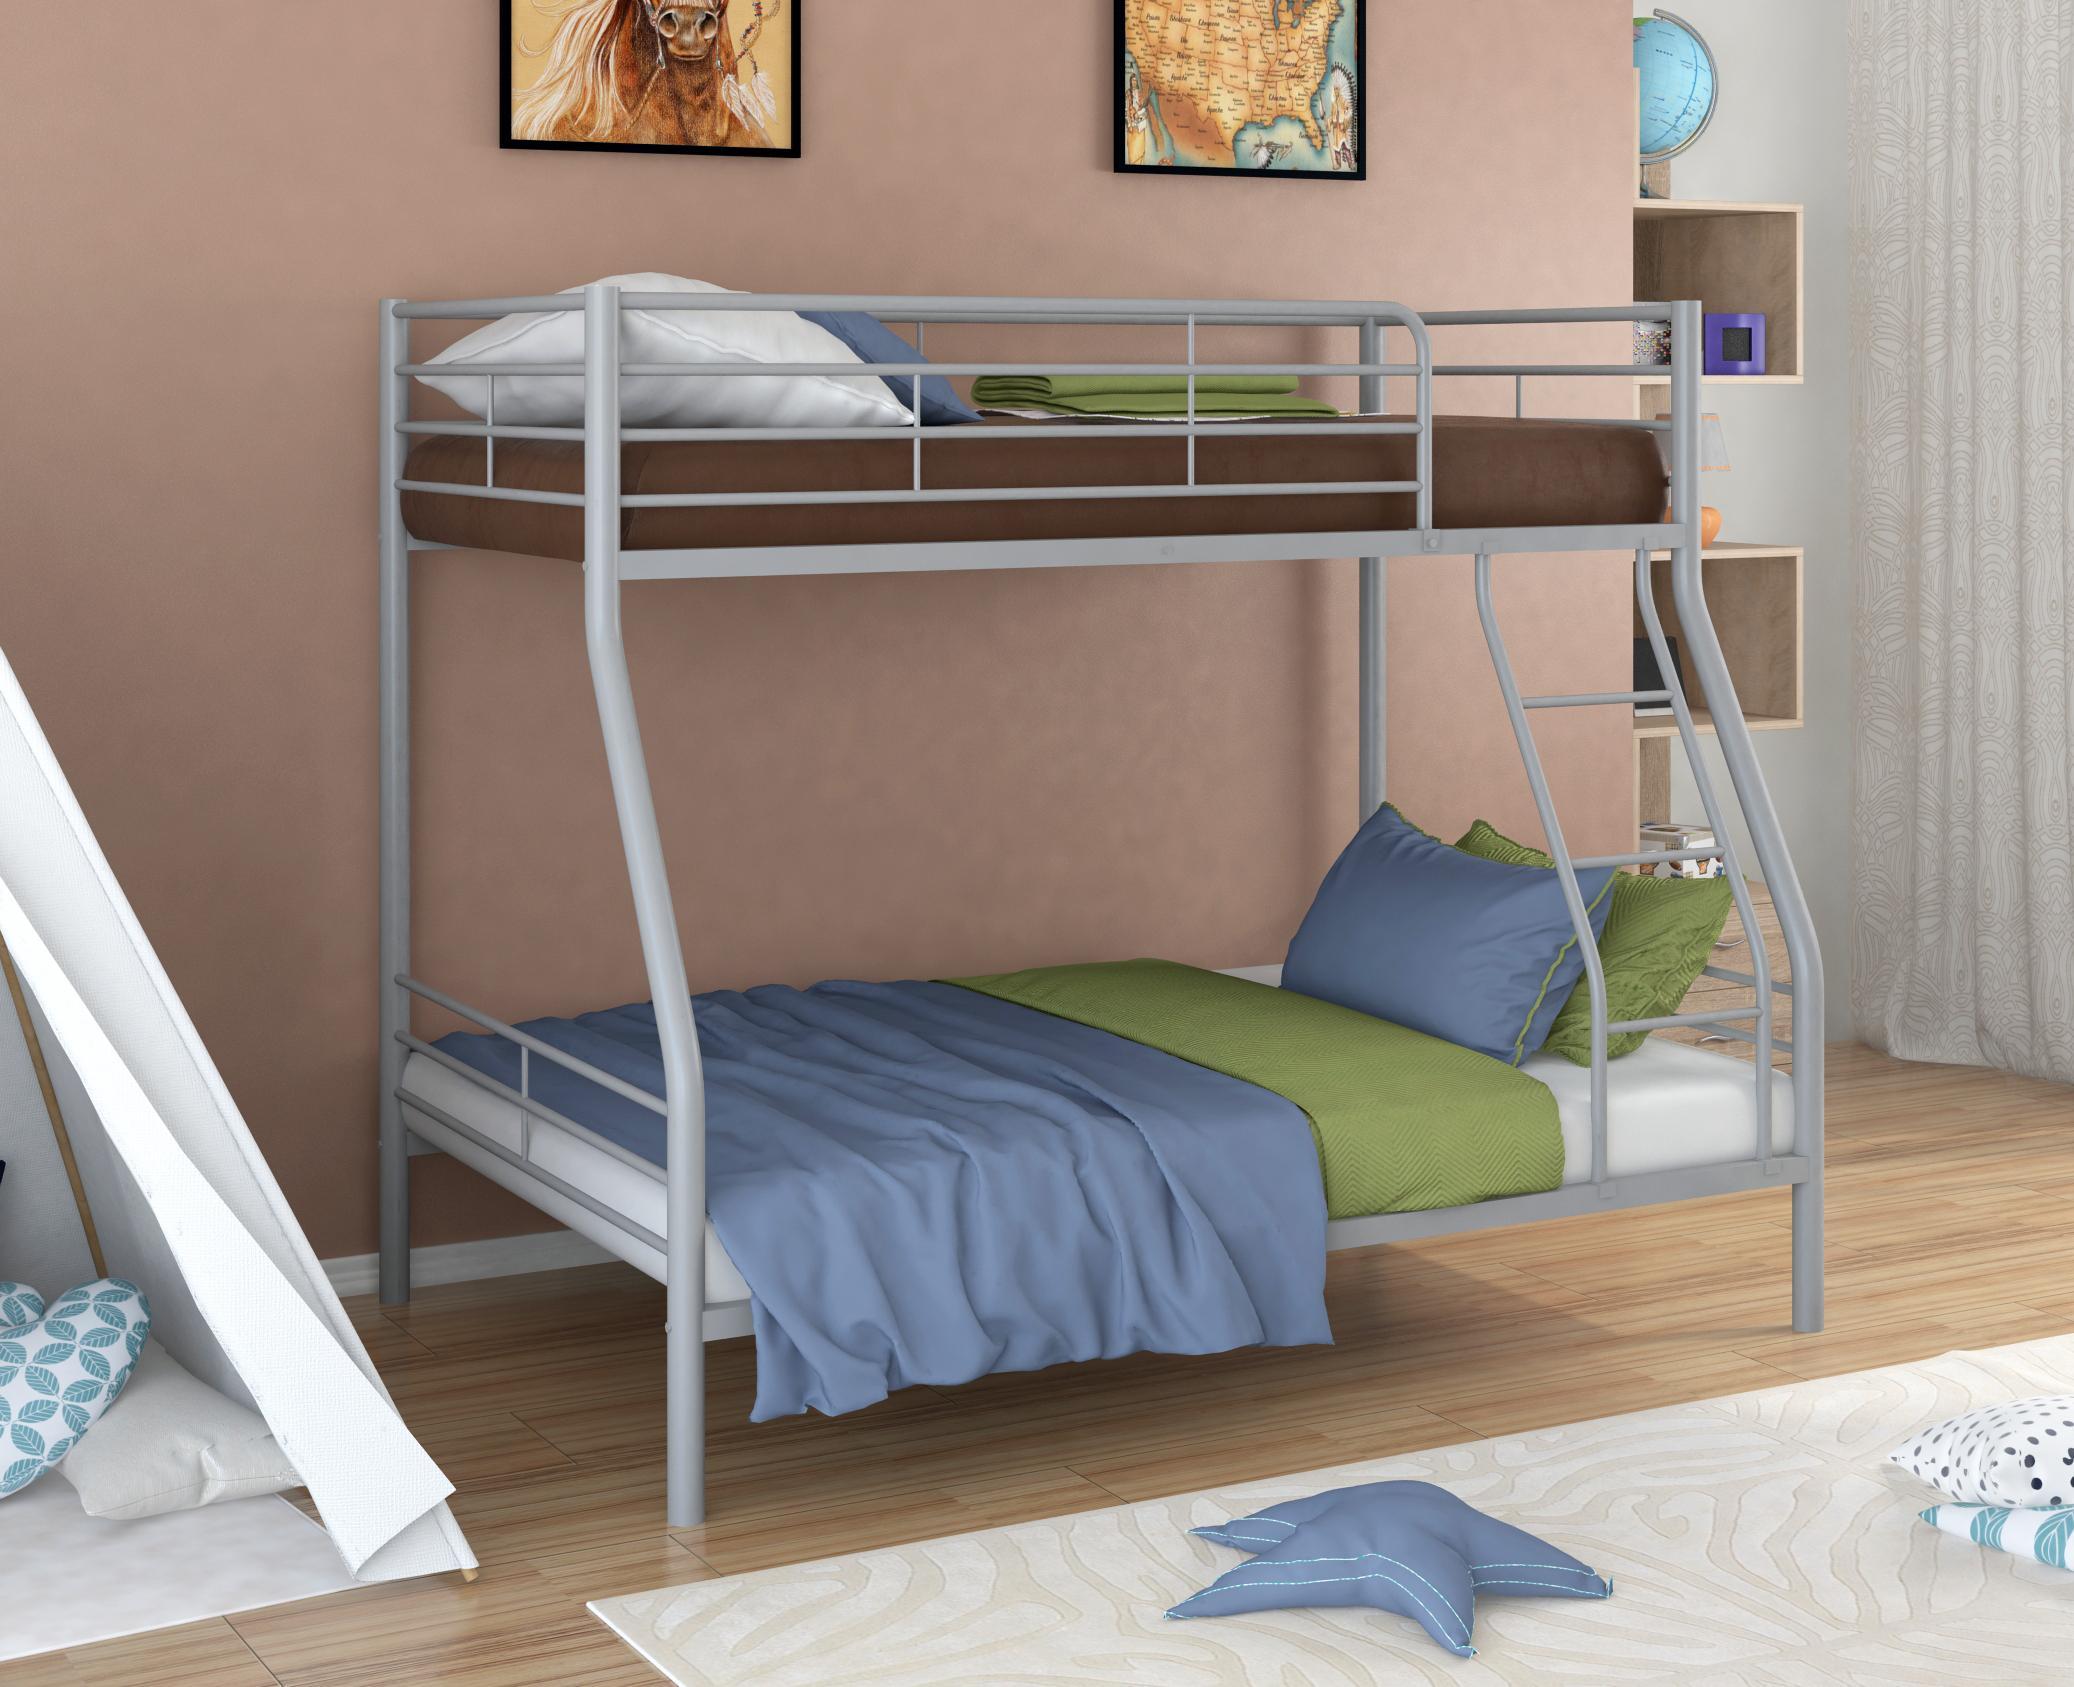 Двухъярусная кровать в стиле хай-тек